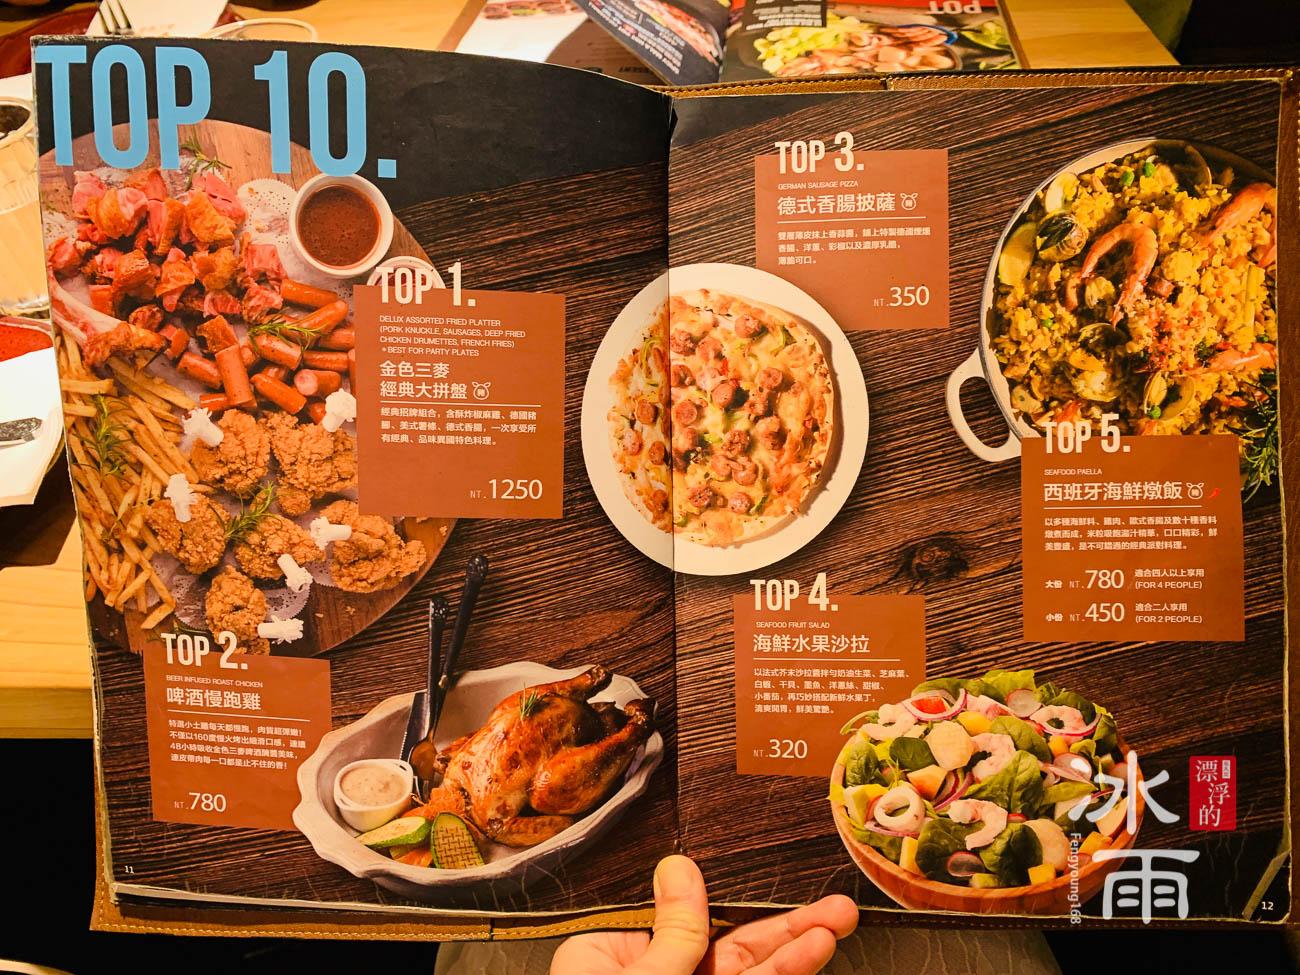 金色三麥大遠百店菜單 5 TOP10,最多人點的餐點,也就是招牌啦!